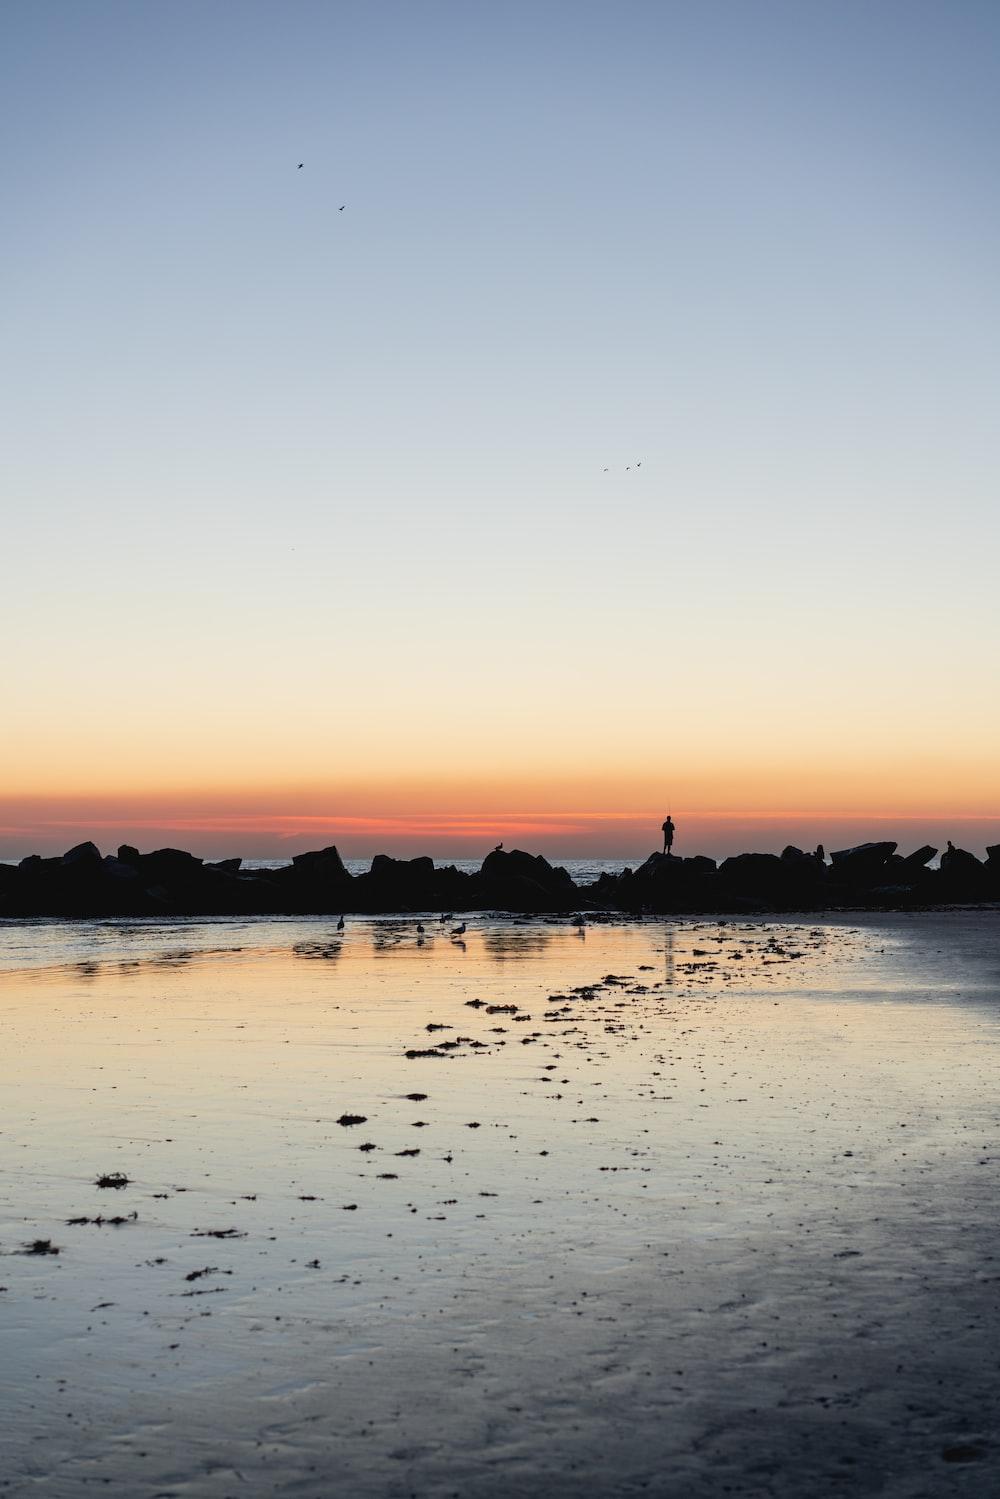 silhouette of sea under orange skies